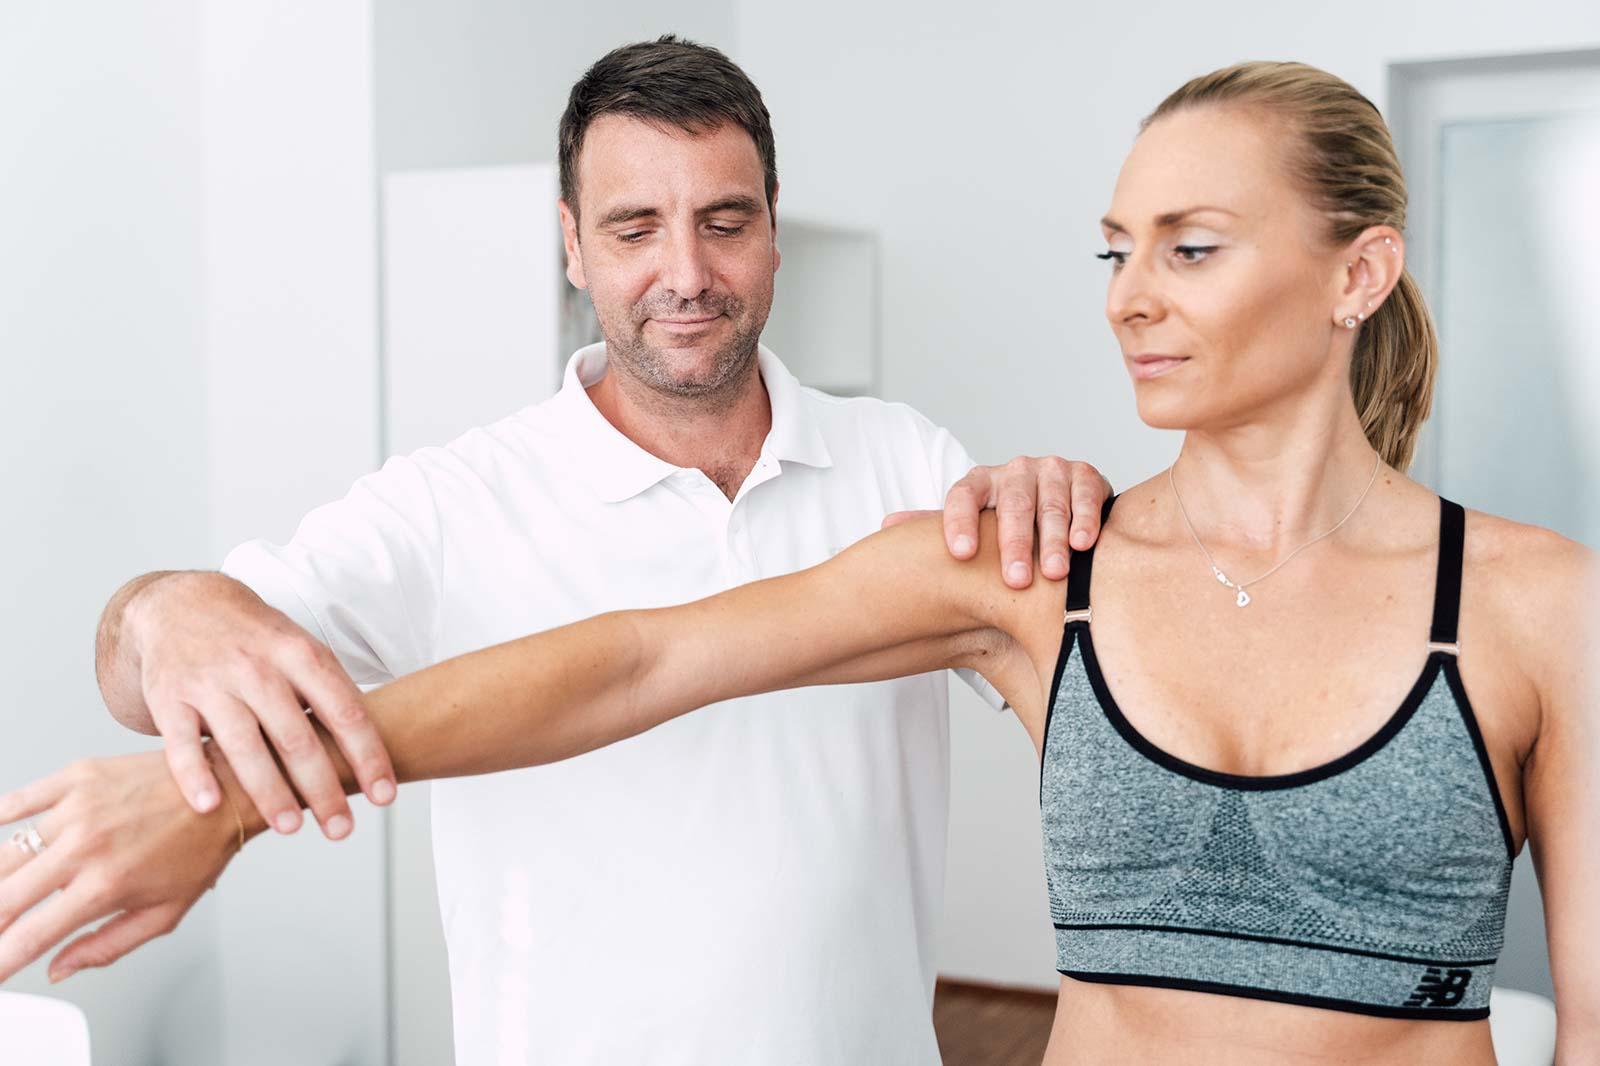 Arthroskopischen Eingriffe vermindern den Gewebsschaden und ermöglichen eine rasche Rekonvaleszenz